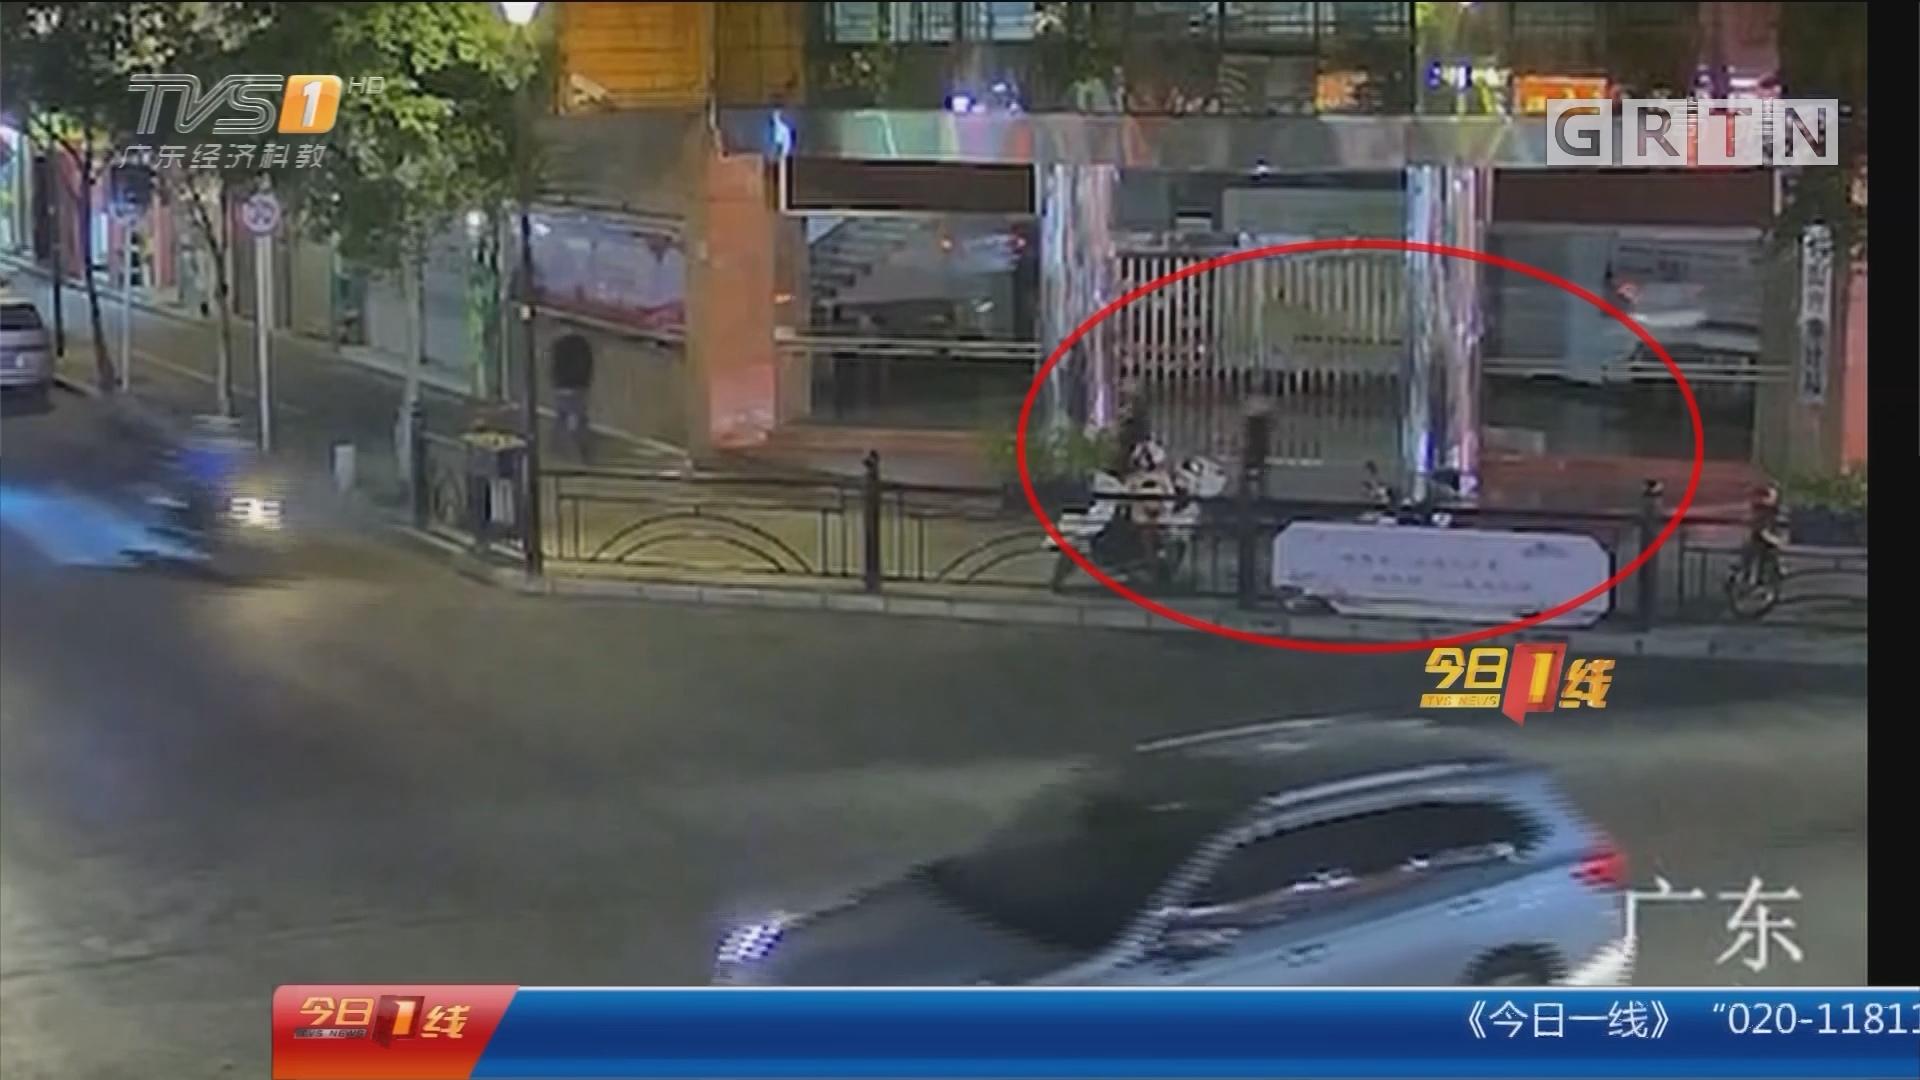 江门鹤山:旧楼不设防 贼团获利数十万